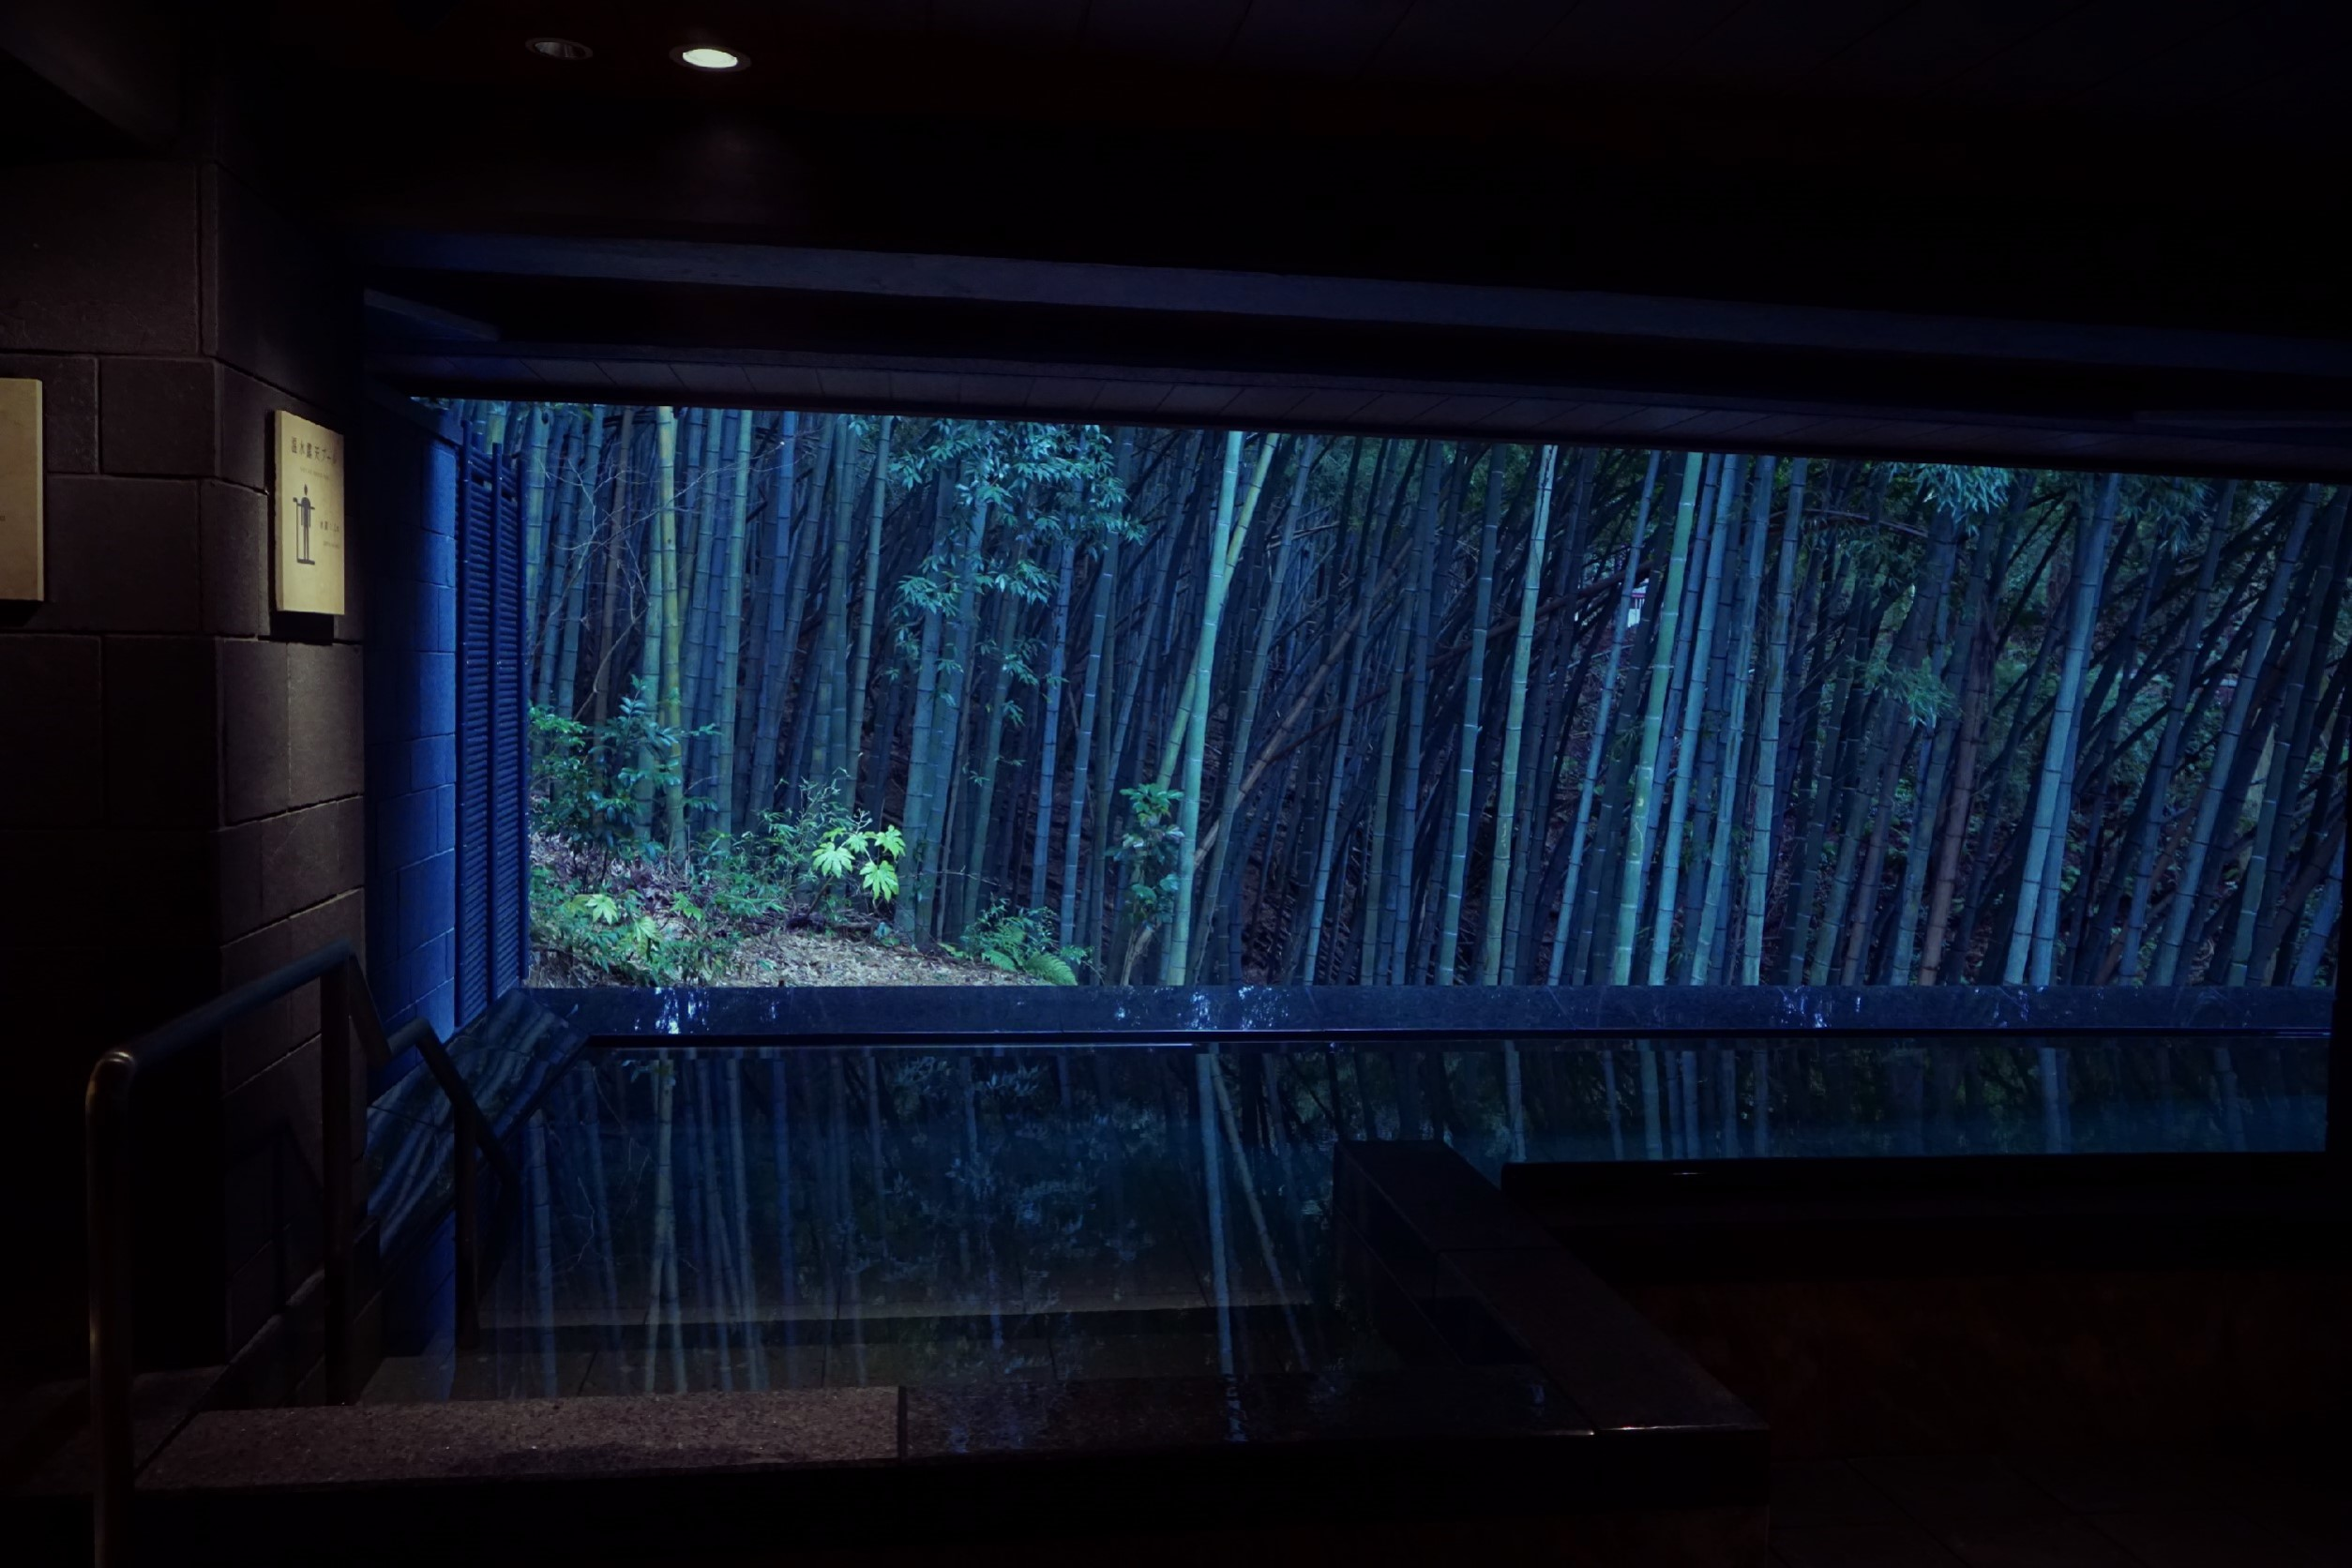 森の栖にある温水プール、竹林が見える。